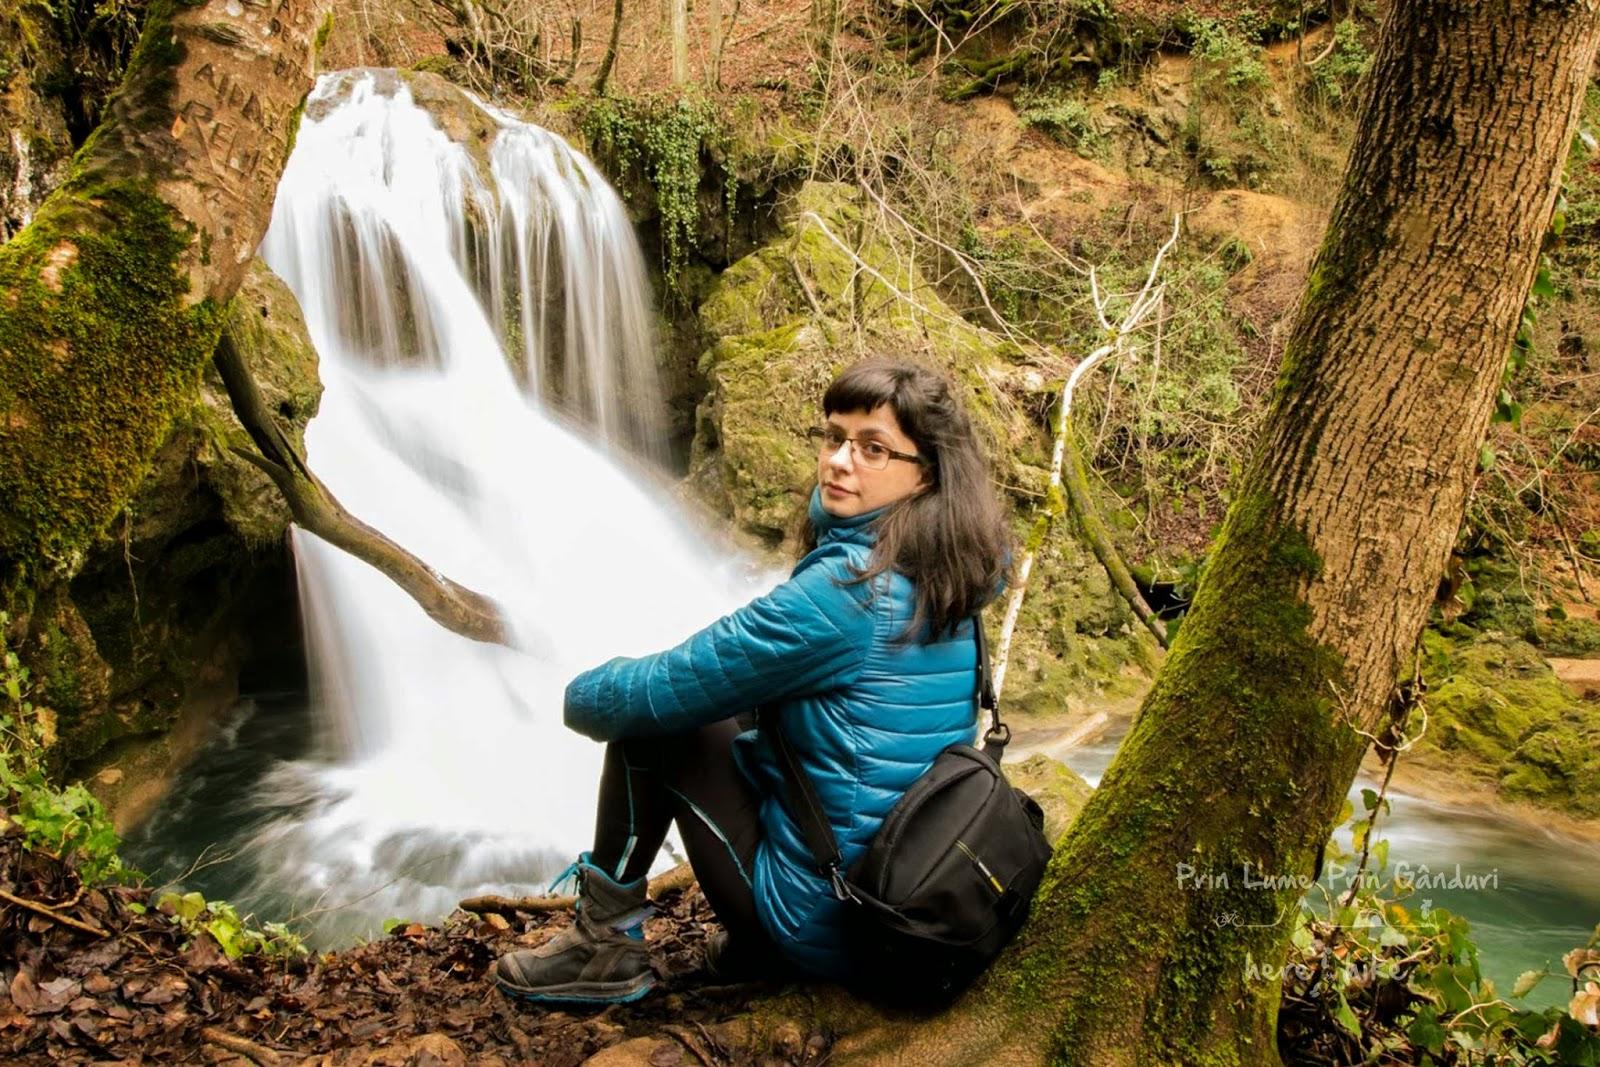 visit_cheile_nerei_vaioaga_waterfall